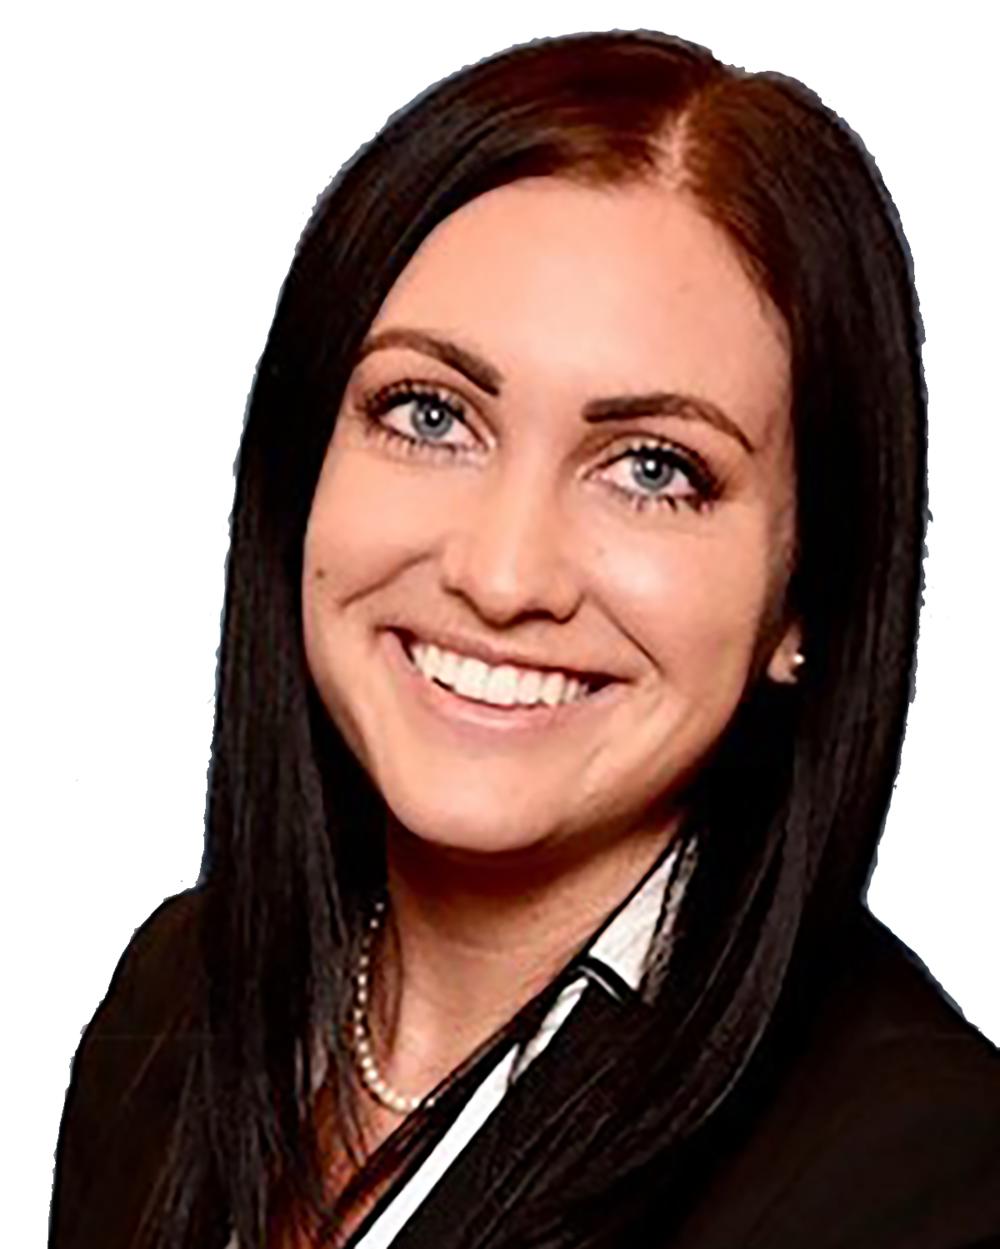 Francesca Hoffman - Associate